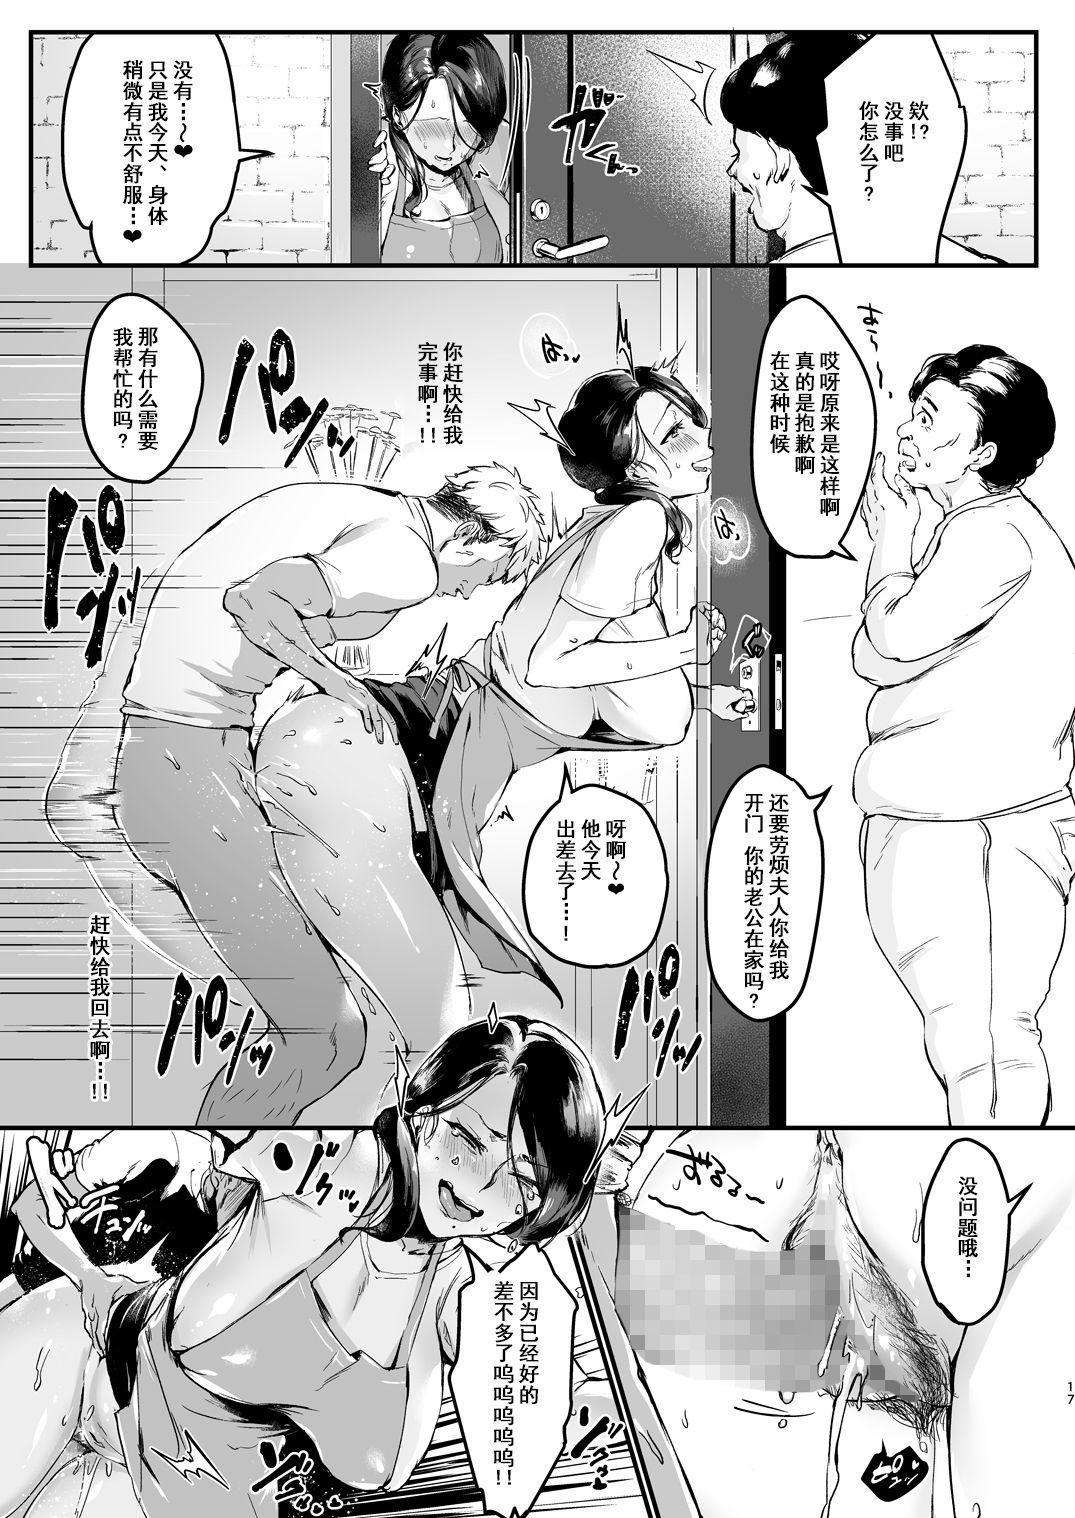 Tsuma ni Damatte Sokubaikai ni Ikun ja Nakatta 1 16